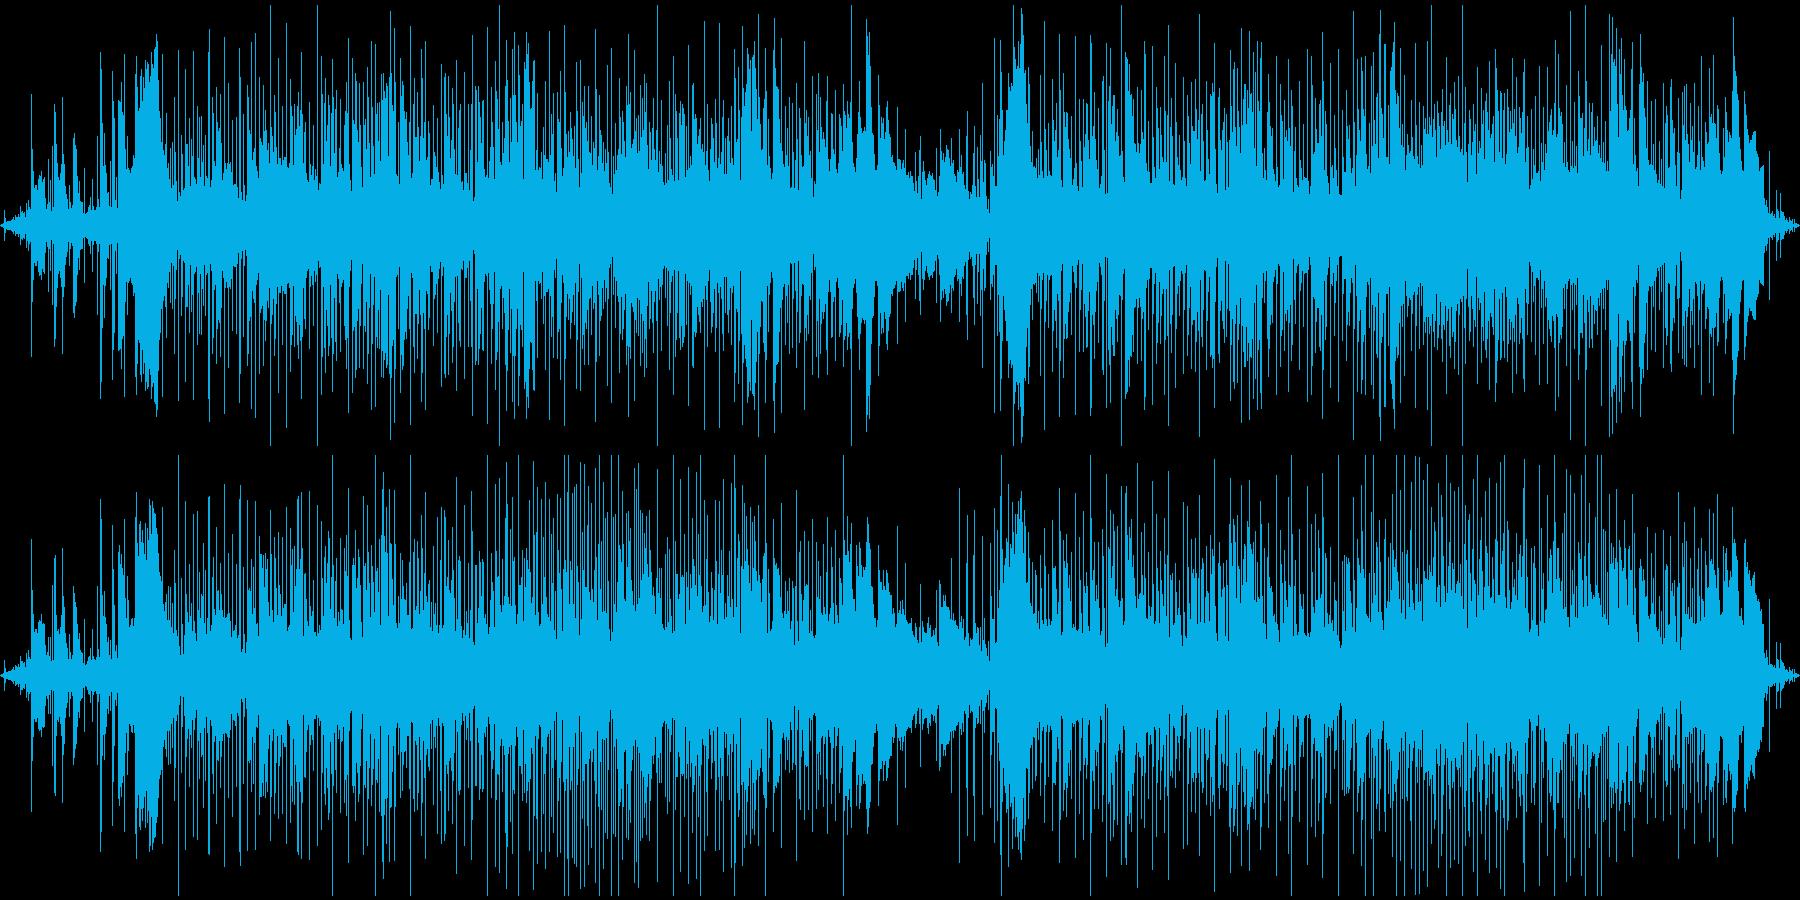 『たそがれ』渋めなLofi hiphopの再生済みの波形